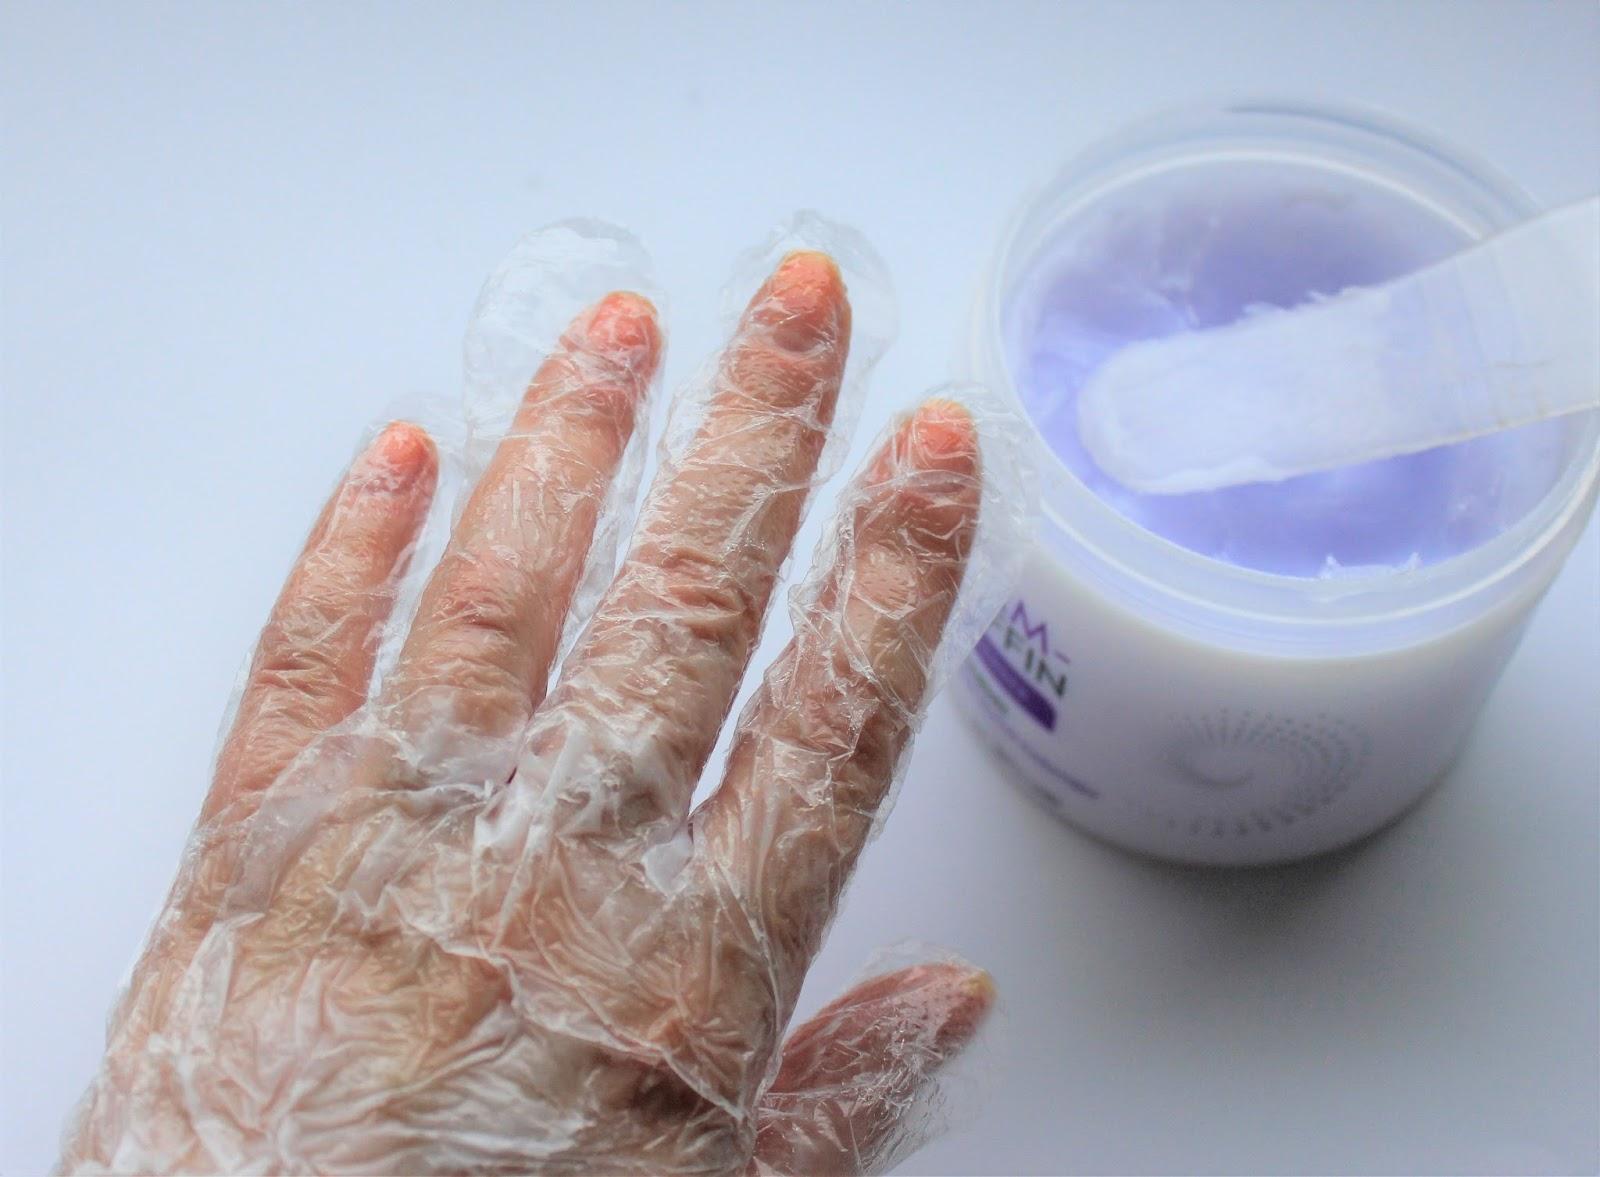 Холодная парафинотерапия для рук: понятие, проведение, эффект